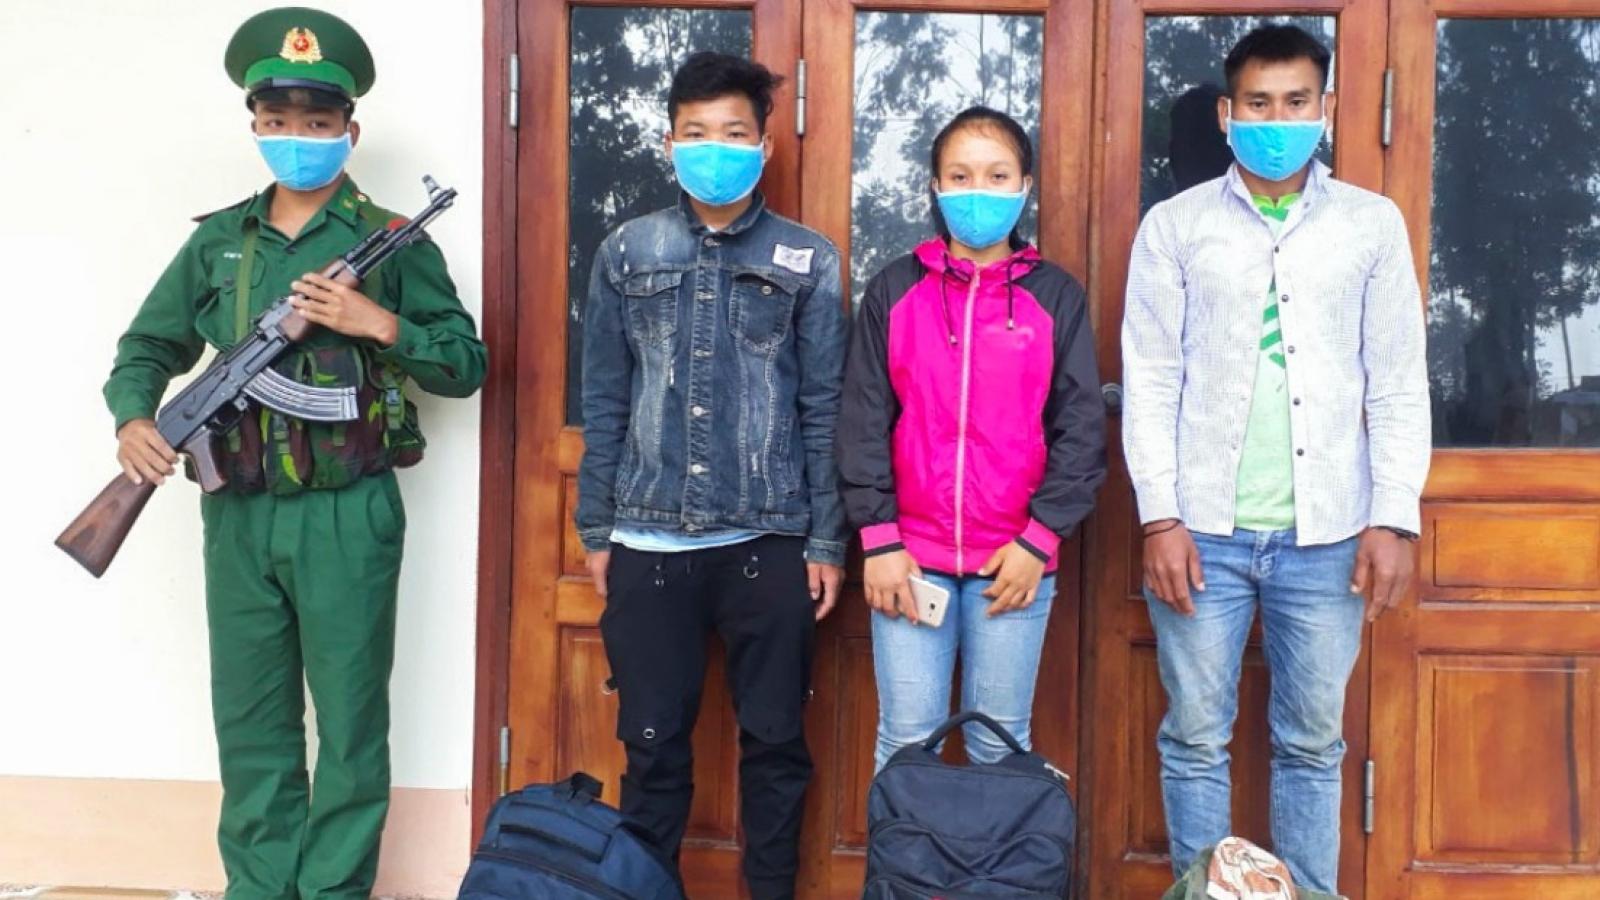 Ngăn chặn 3 người Lào nhập cảnh trái phép vào Việt Nam